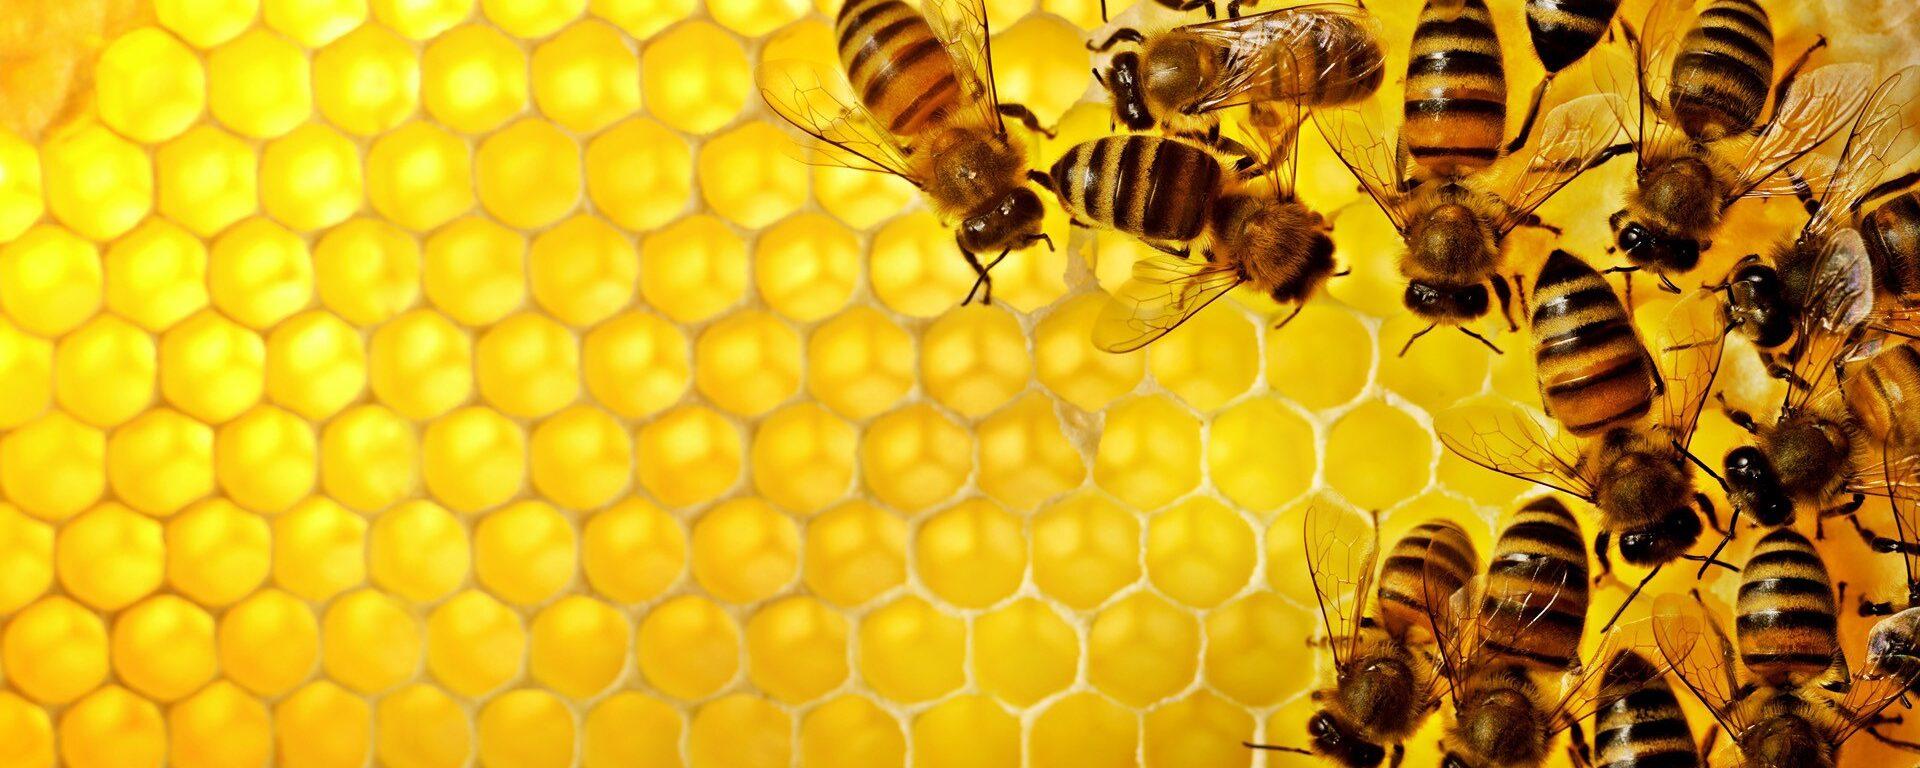 Едят ли веганы мед?